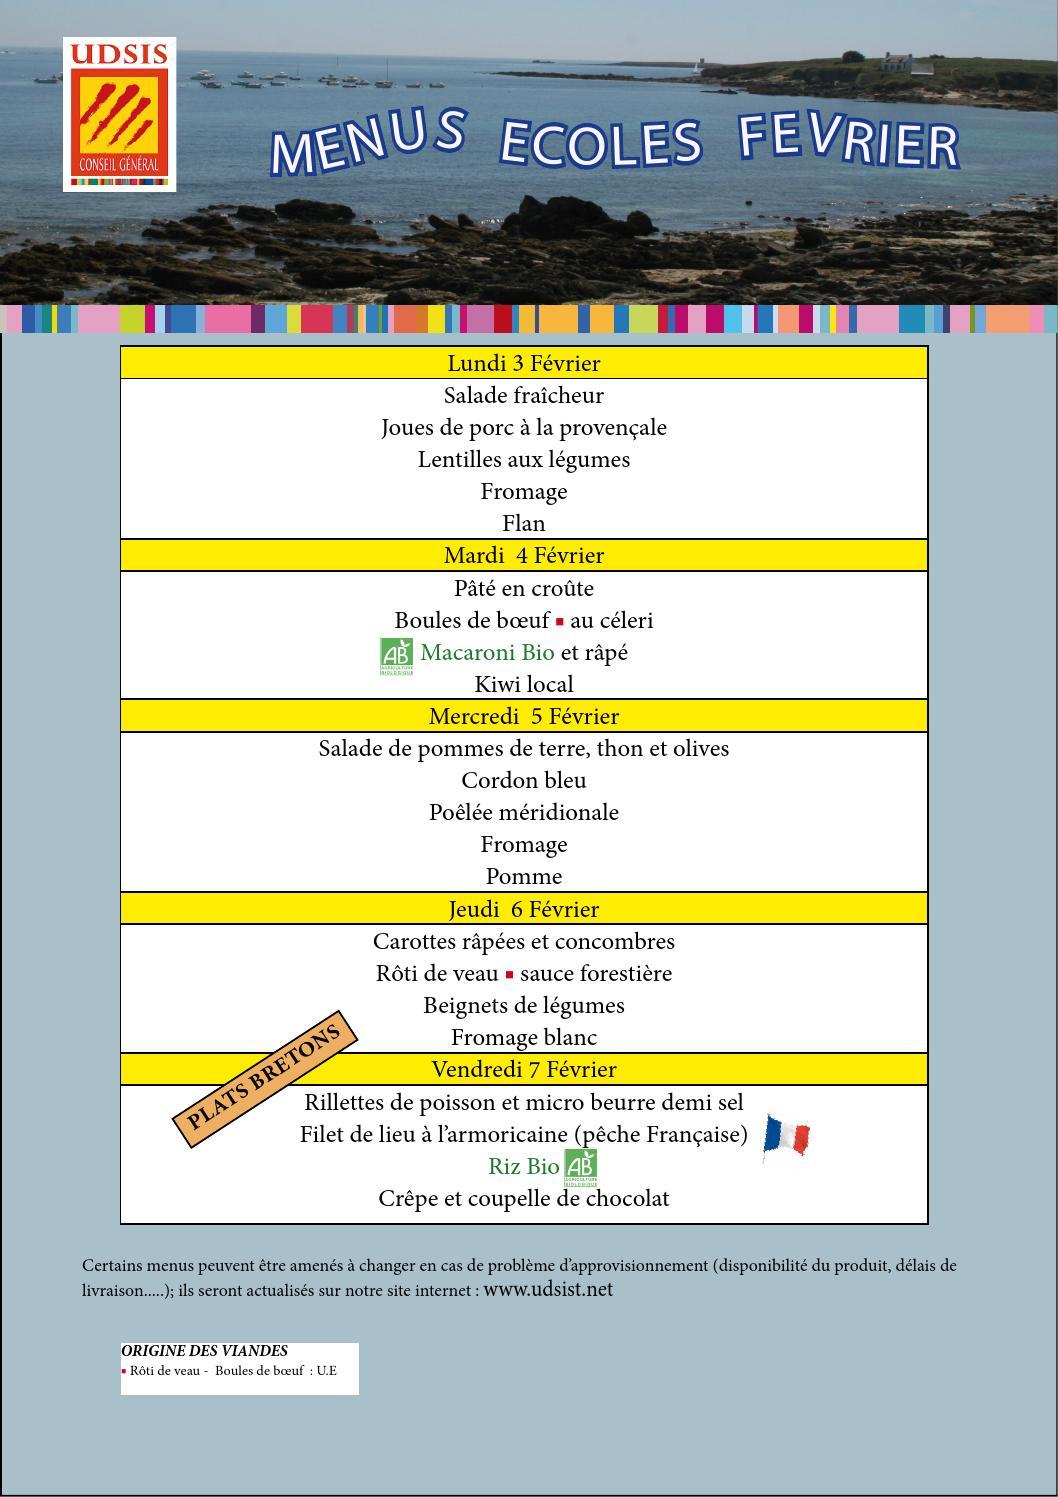 Argeles Sur Mer Menus Maternelle 03 02 Au 28 02 2014 By concernant Issuu - Boule